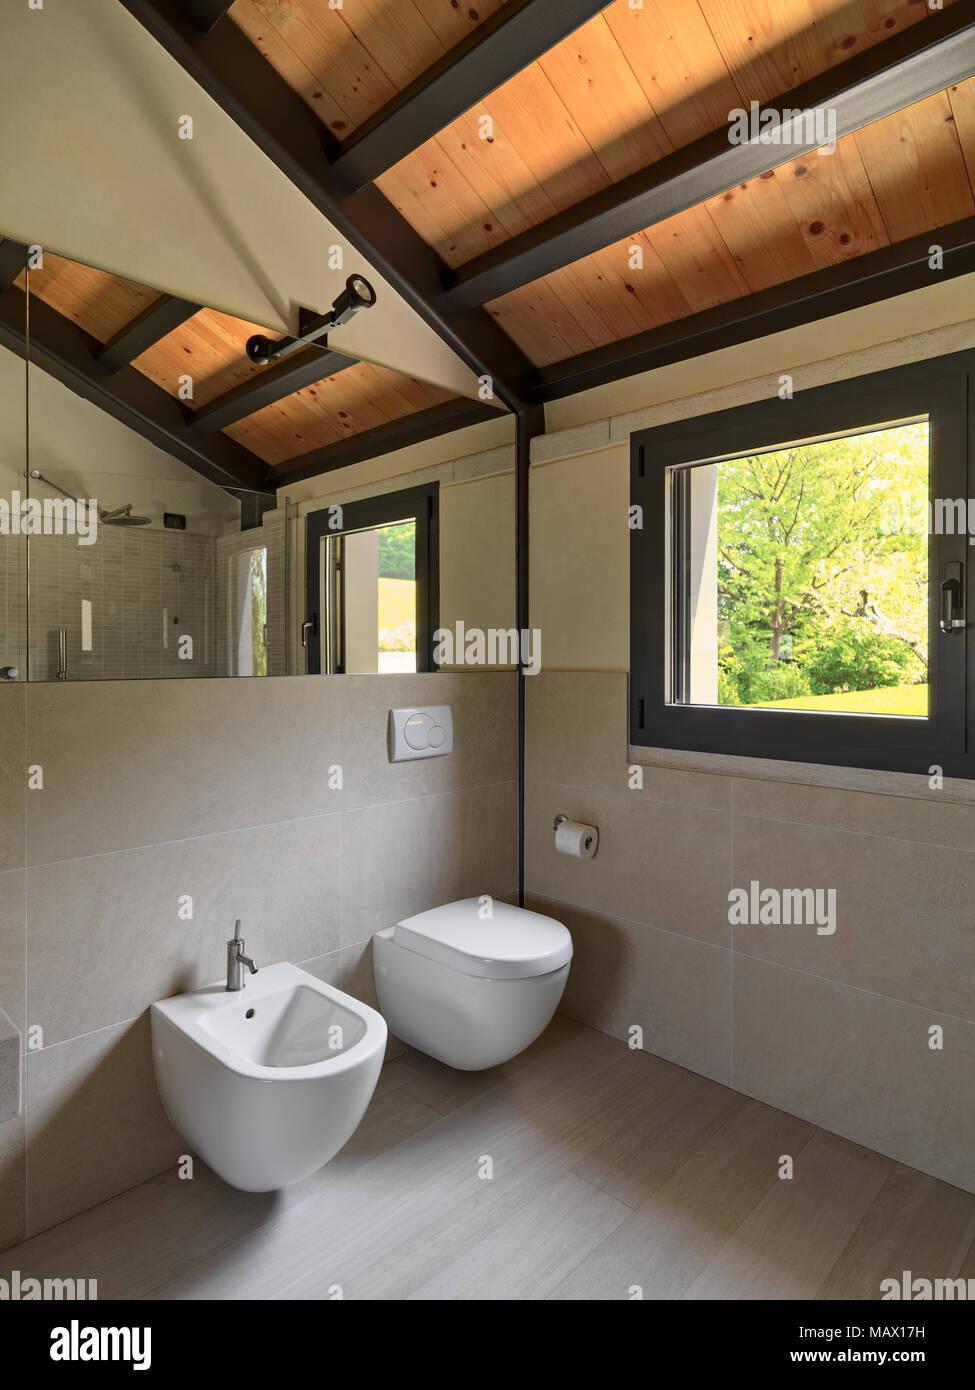 Interieur Aufnahmen von einem modernen Bad, im Vordergrund die ...